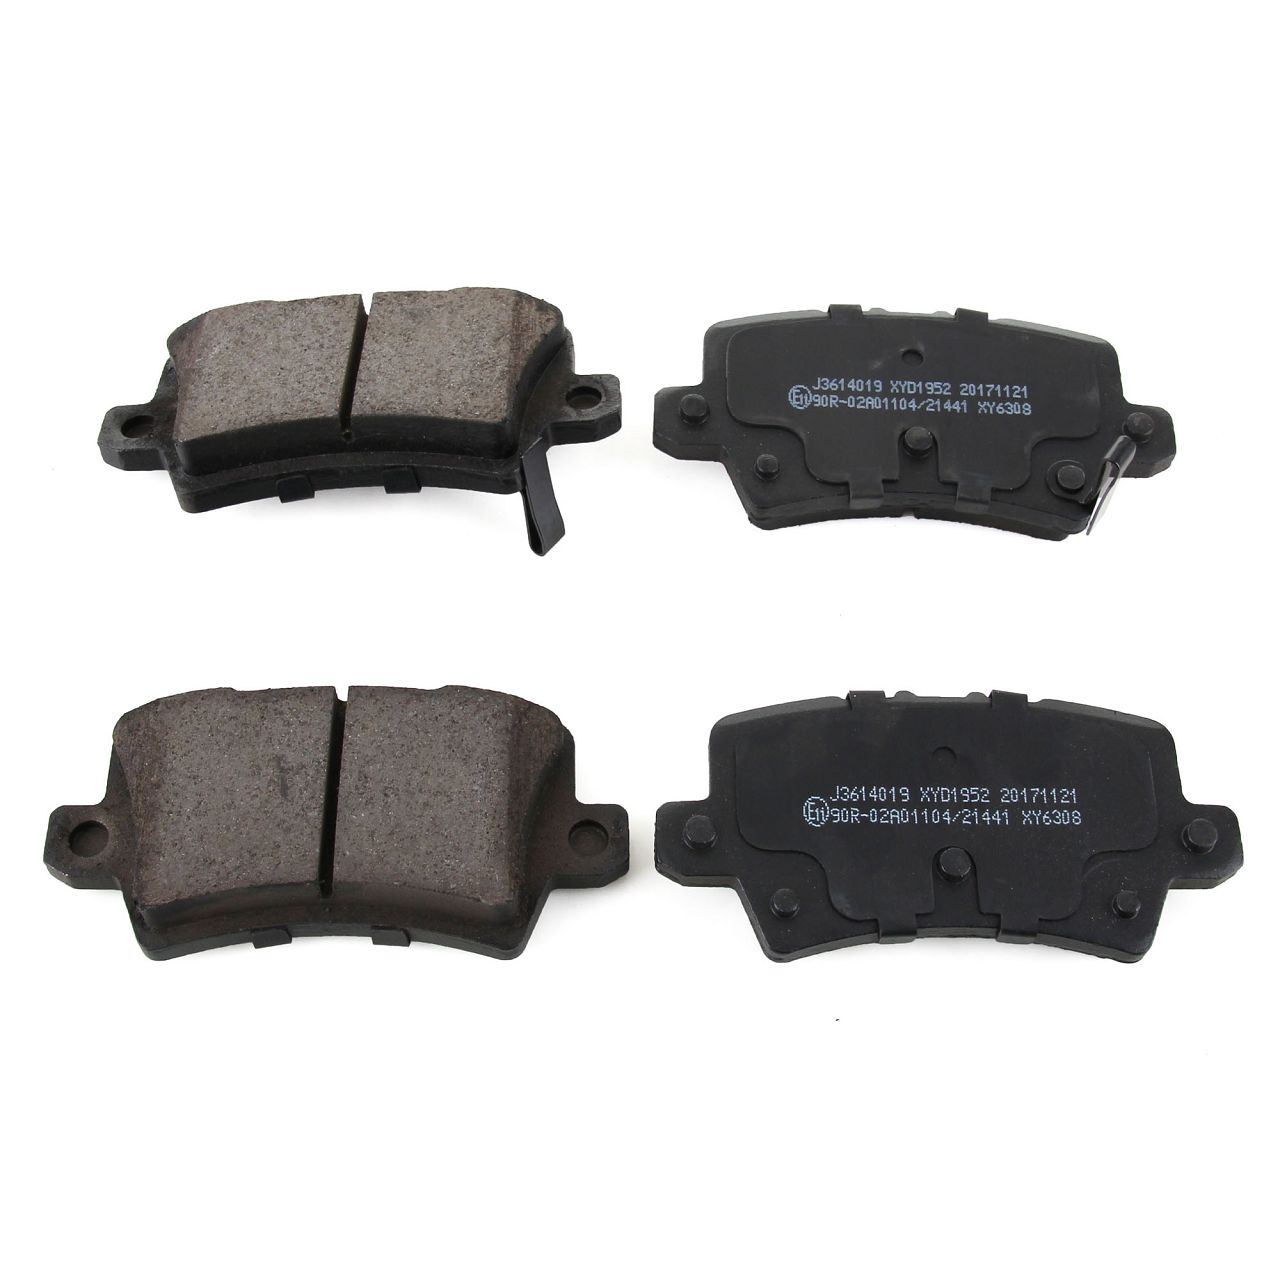 HERTH+BUSS Bremsen Bremsscheiben + Beläge für HONDA CIVIC VIII Hatchback hinten